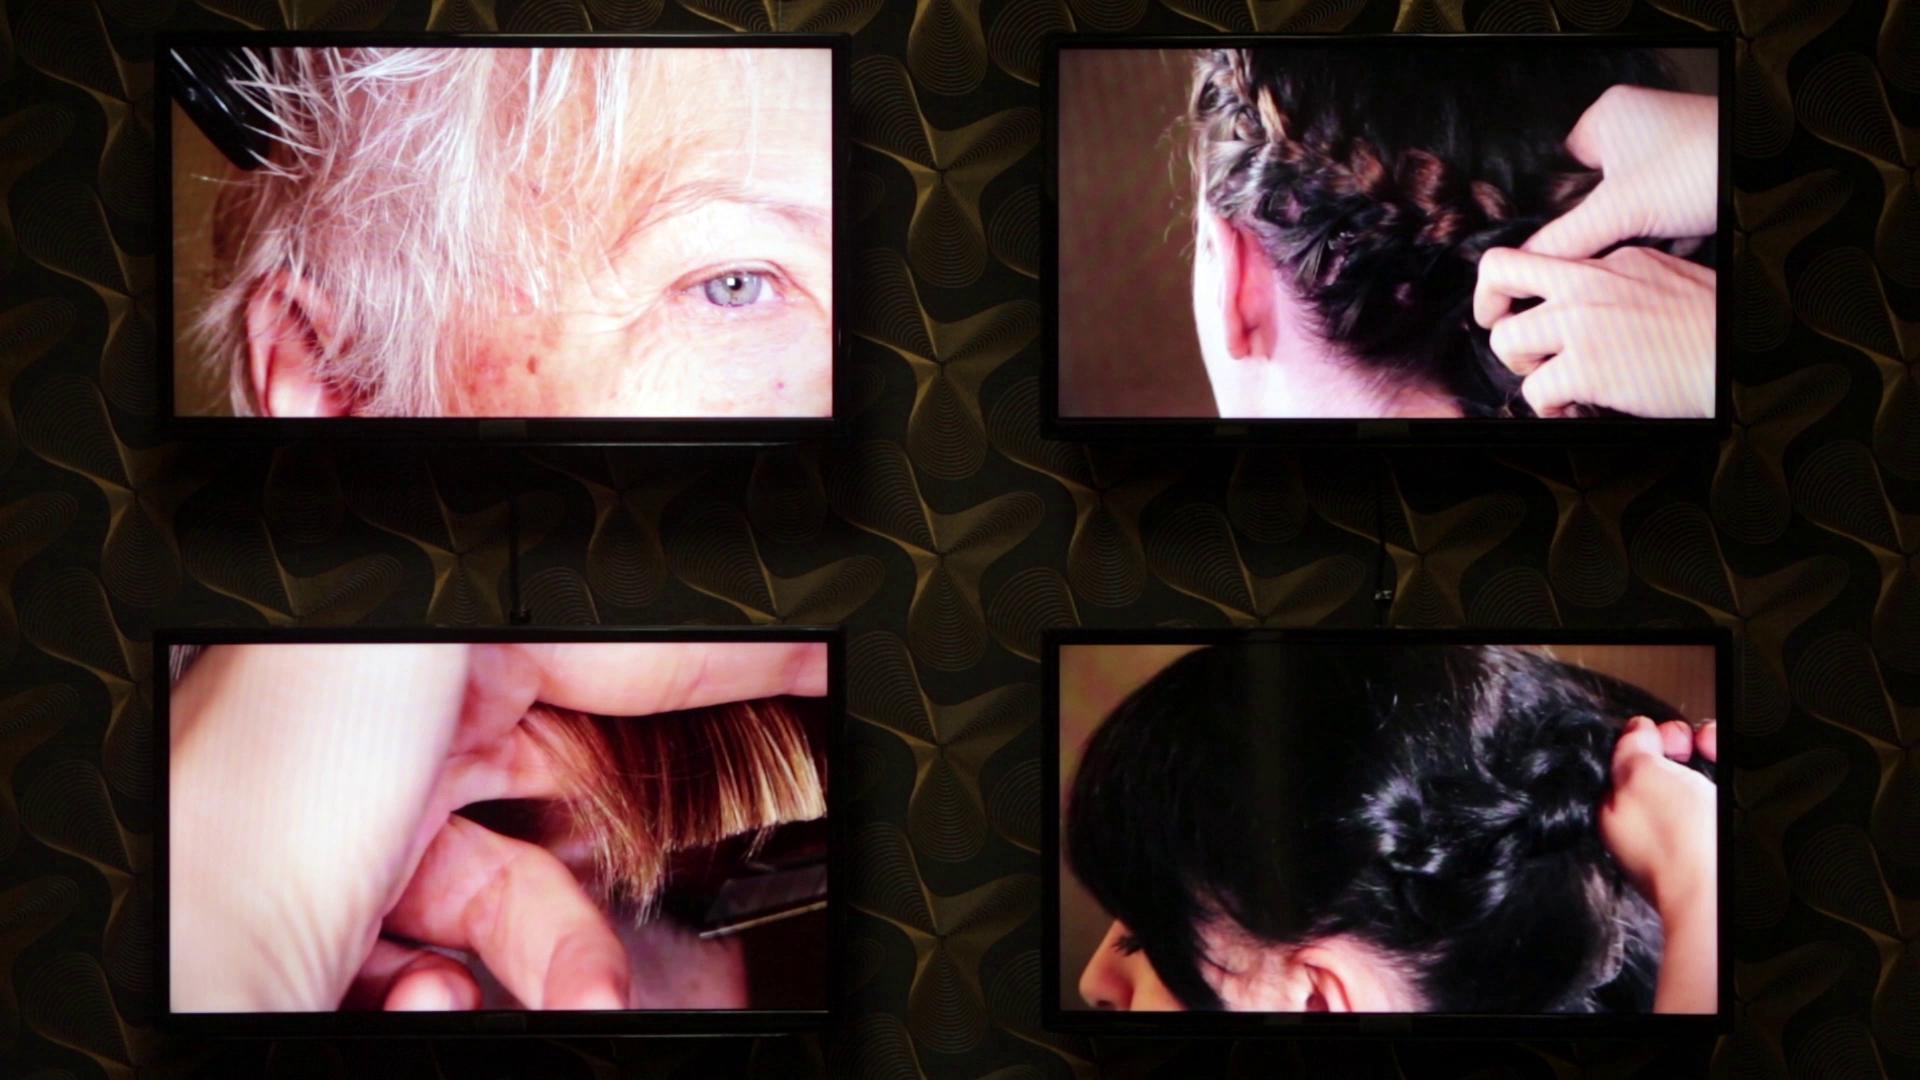 Friseursalon: Filmstill aus Video von Silke Schönfeld